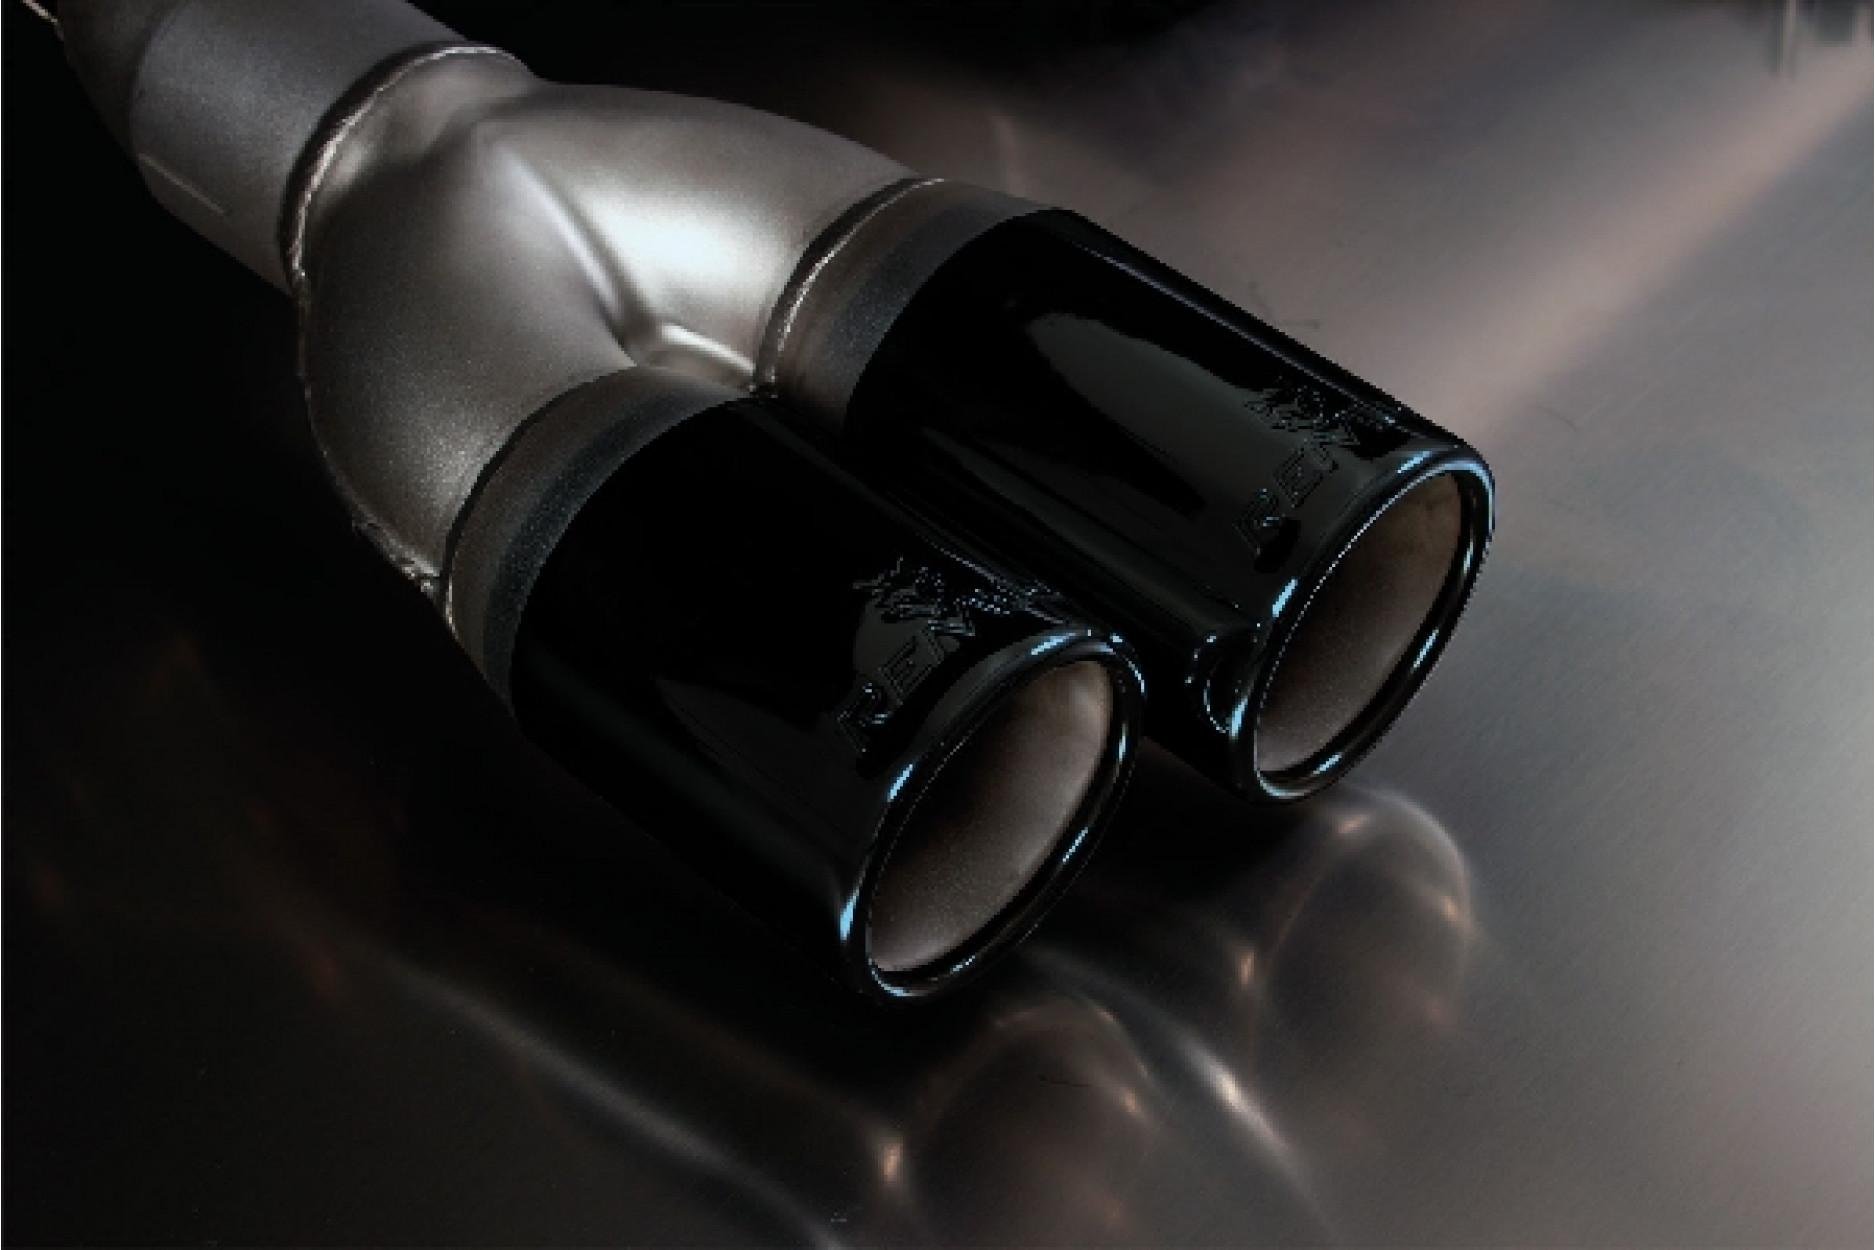 Remus 086012 1604B Endrohr-Set Li/Re je 2 Endrohr Ø 76 mm Black Chrome